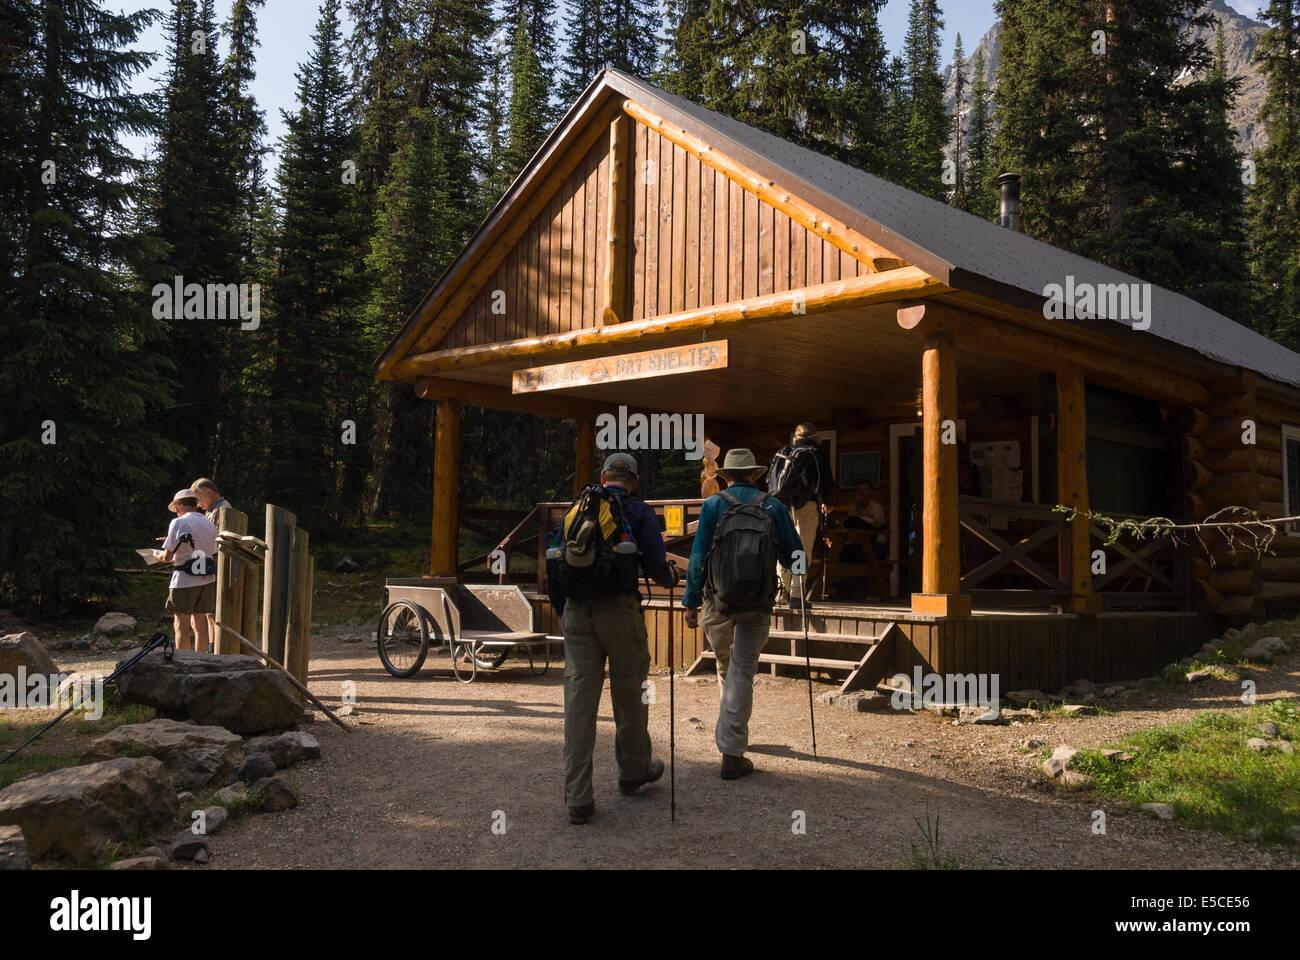 Elk203-2204 Canada, British Columbia, Yoho National Park, Lake O'Hara, bus shelter - Stock Image